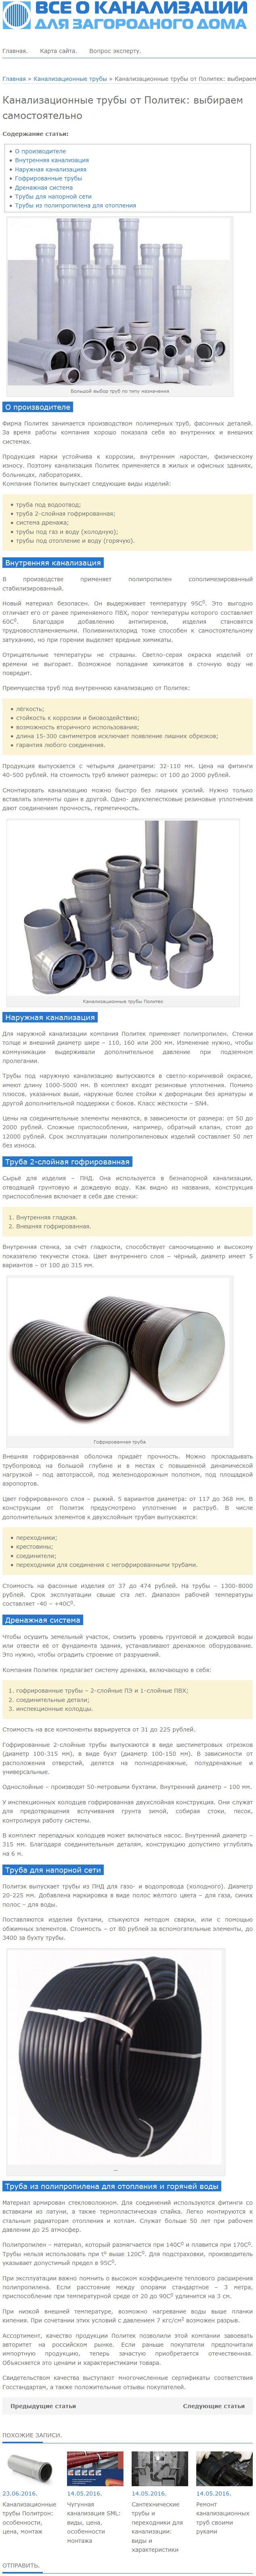 kanalizatsiya-politek